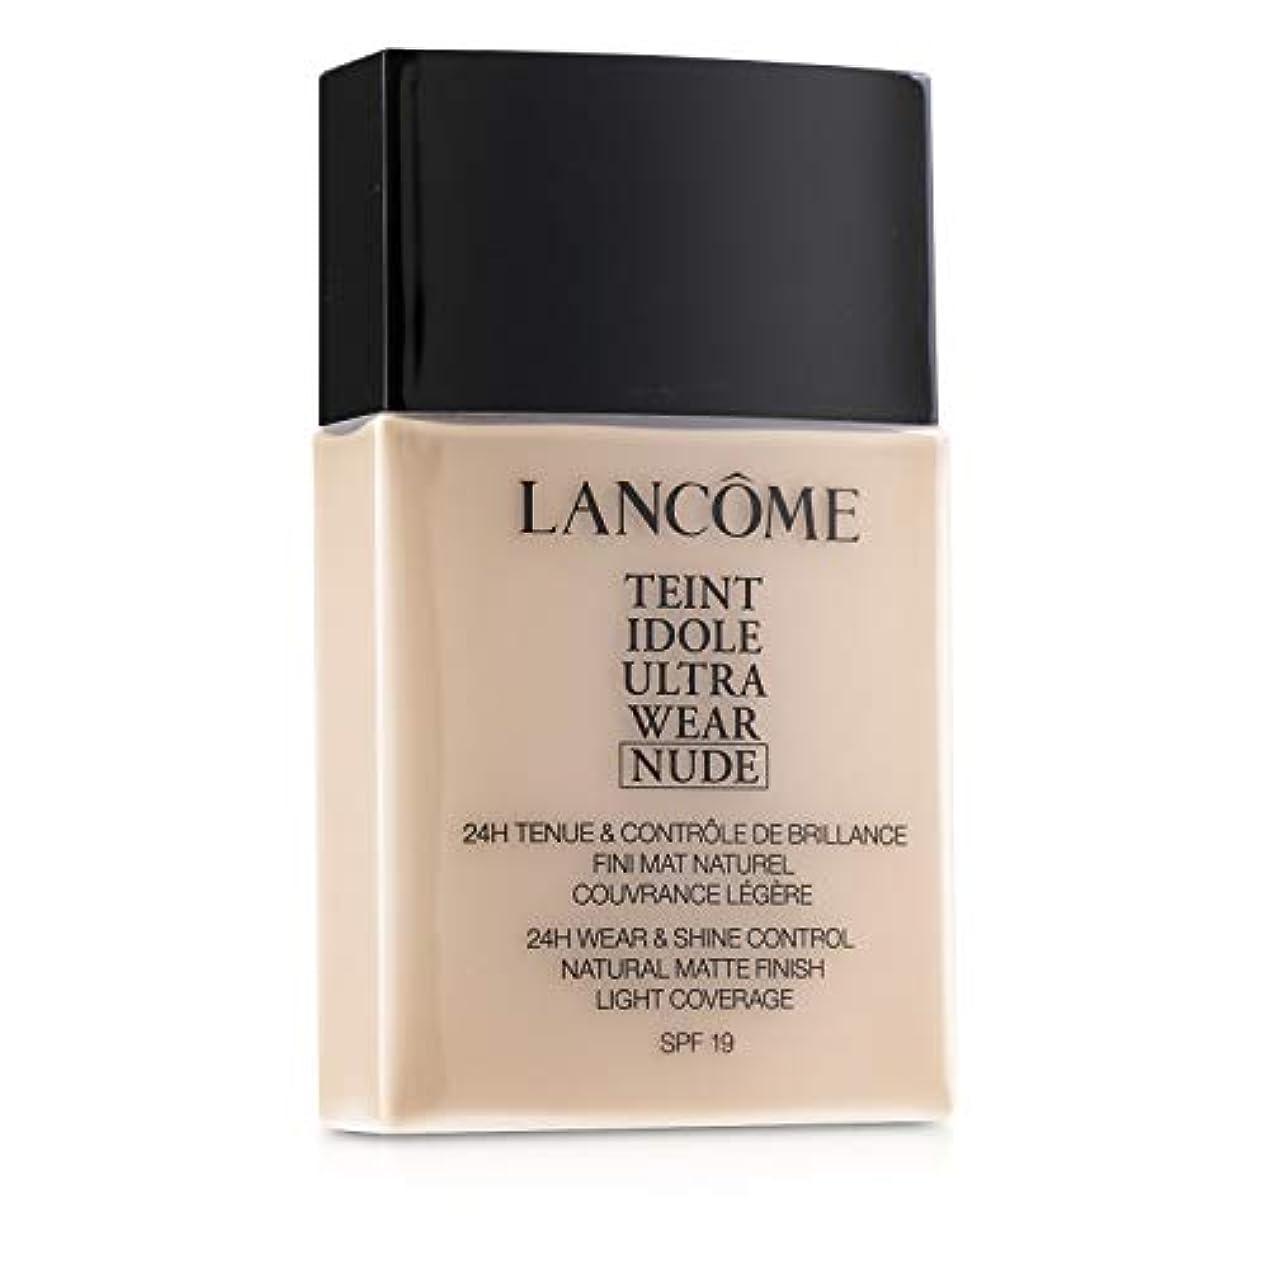 セラフクスクス準拠ランコム Teint Idole Ultra Wear Nude Foundation SPF19 - # 02 Lys Rose 40ml/1.3oz並行輸入品